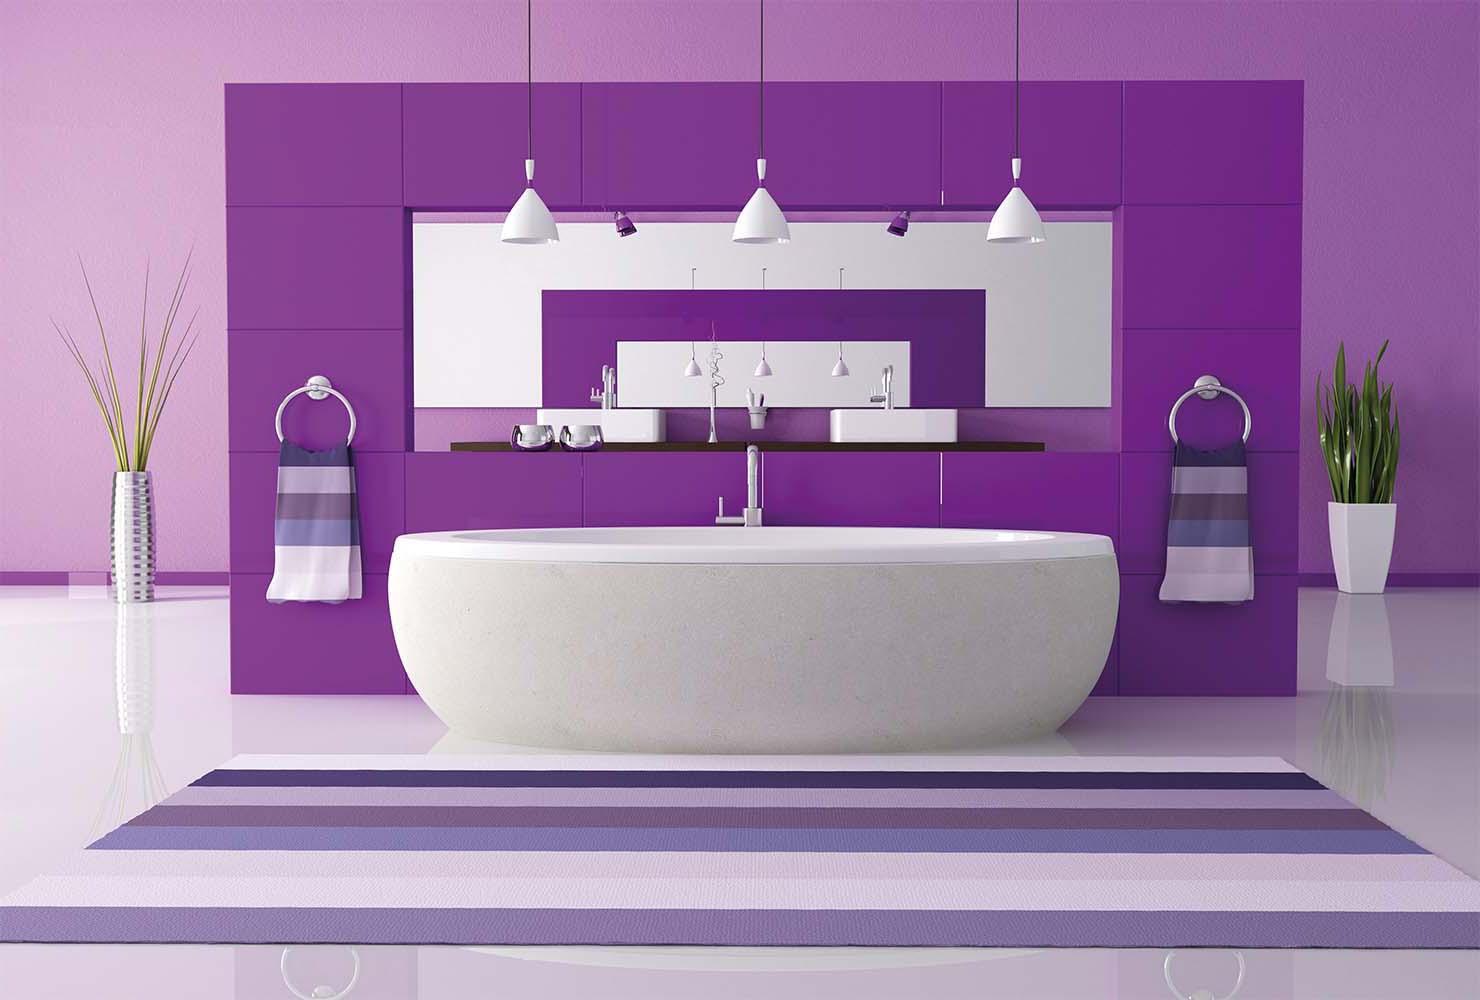 Purple bathroom color ideas - Colorful Purple Bathroom Paint Ideas Images Bathtub Design Purple Paint Cozy Bathroom Colors For Small Bathrooms